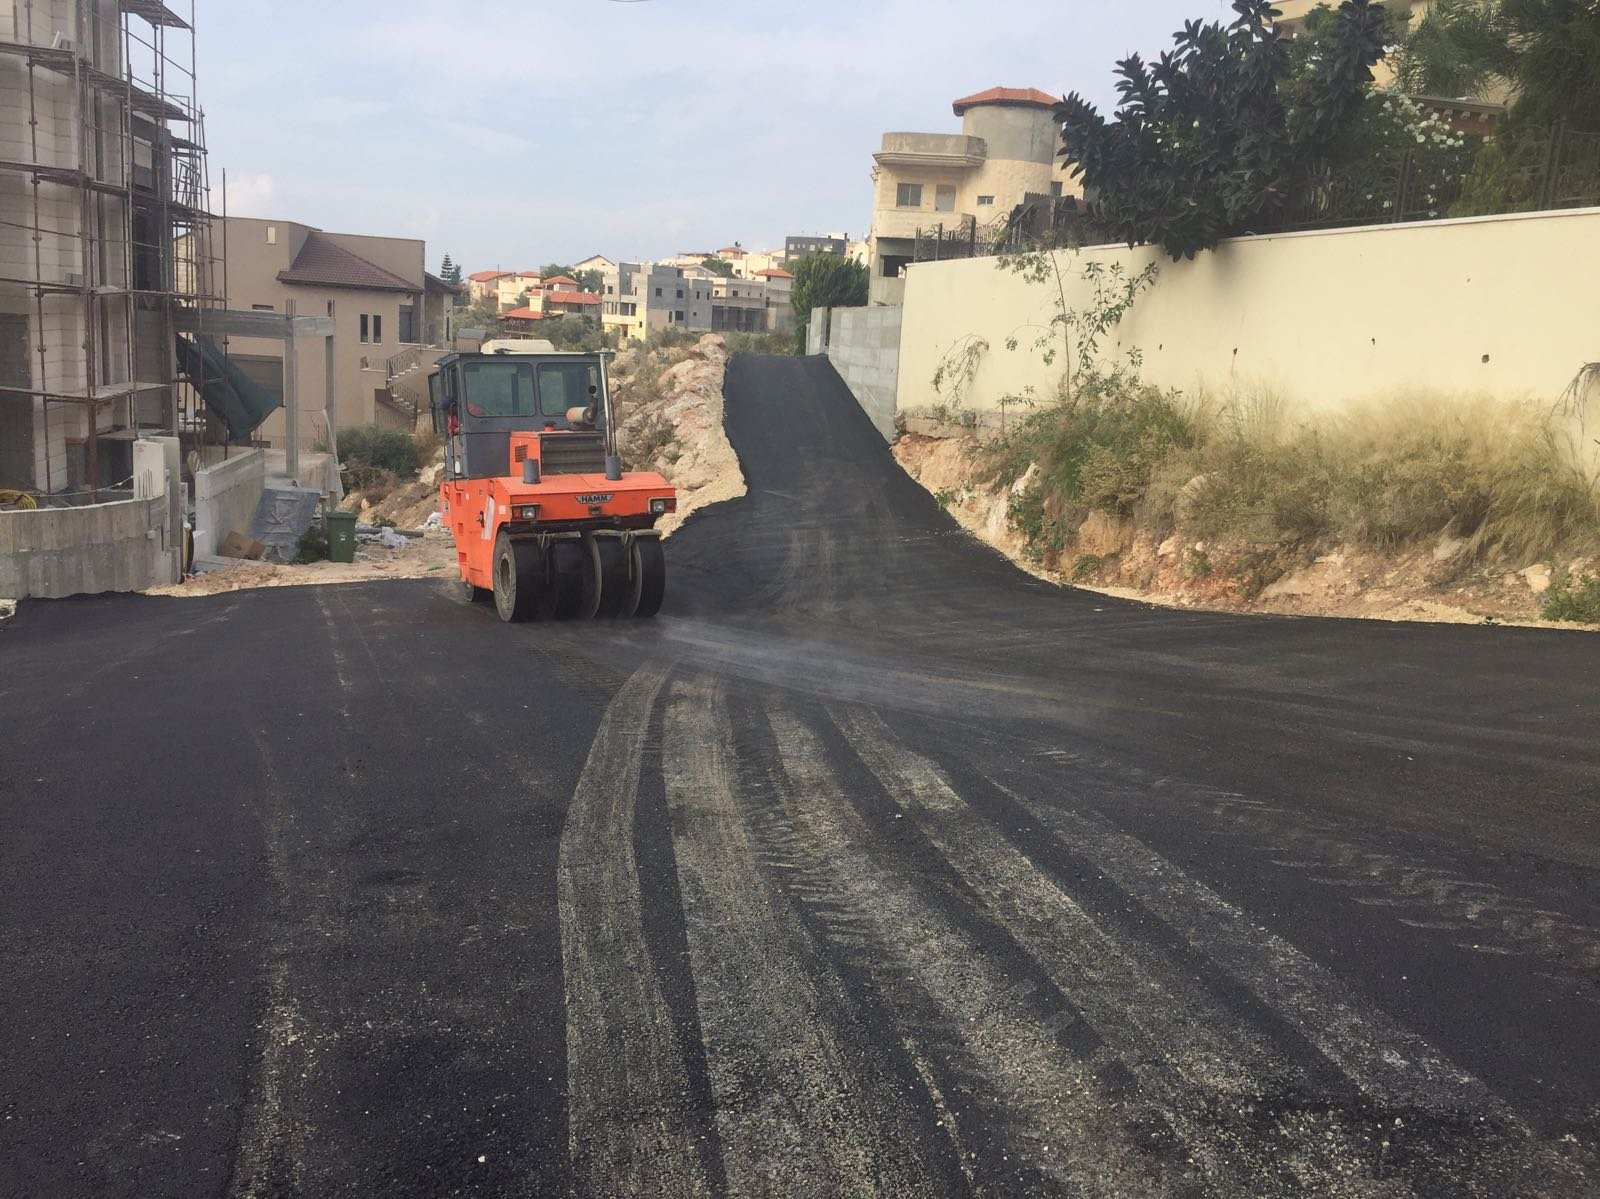 بلدية شفاعمرو: إنجاز وتنفيذ مشاريع بنية تحتية بـ 3.6 مليون شاقل